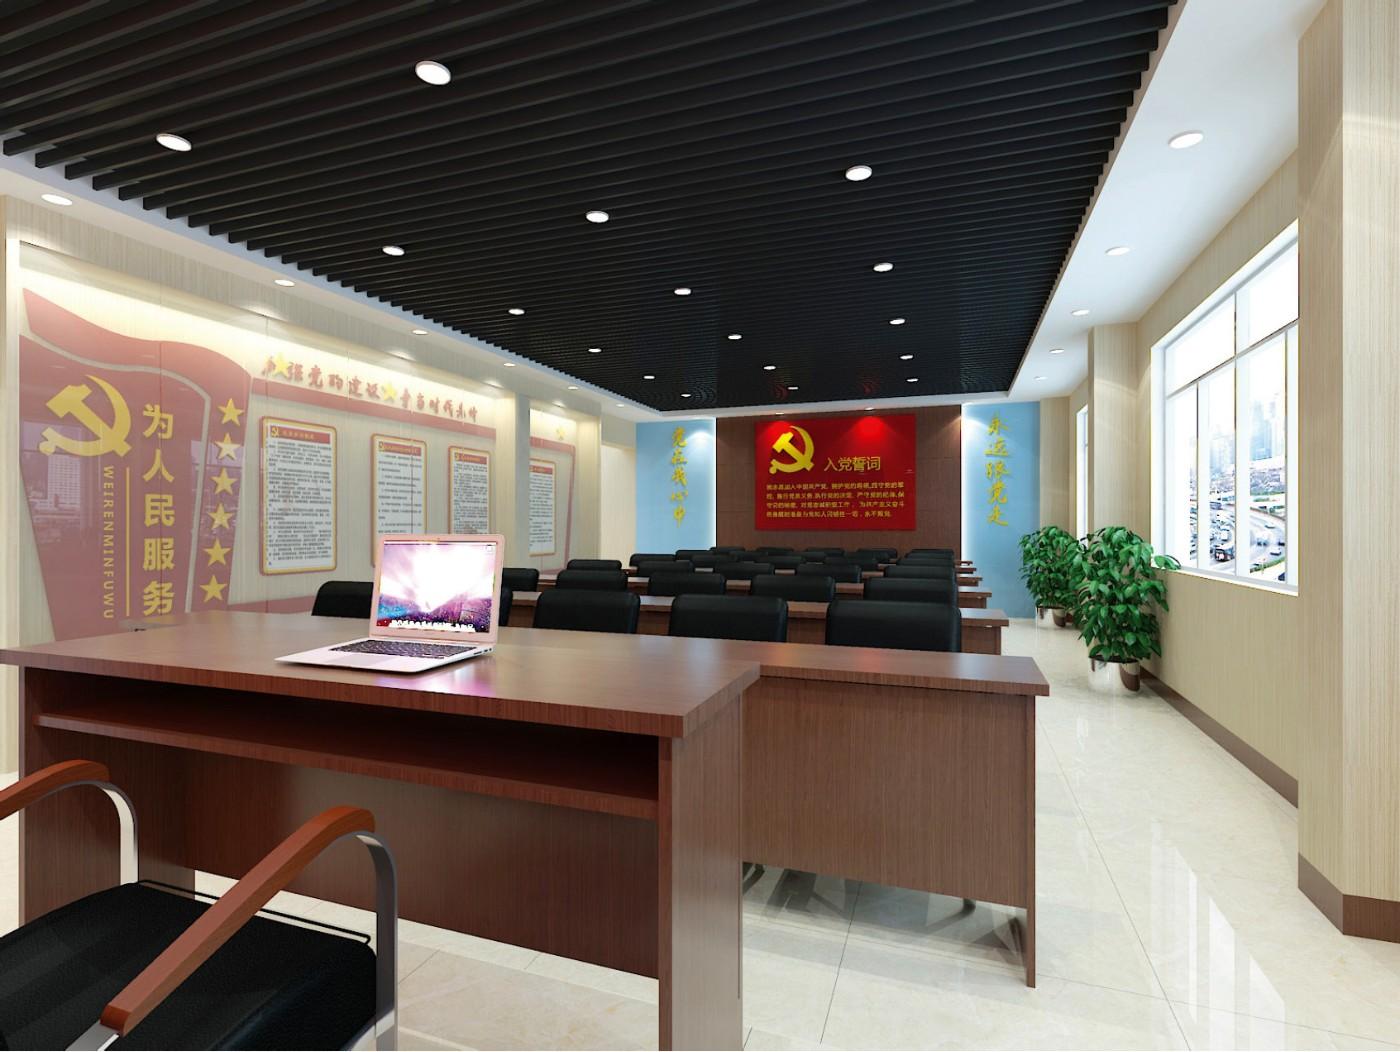 狮江社区2F智慧<a href='http://www.6chuangyi.com/service/kongjiansheji/' title='' style='color:;font-weight:bold'>党建展厅设计</a>05.jpg